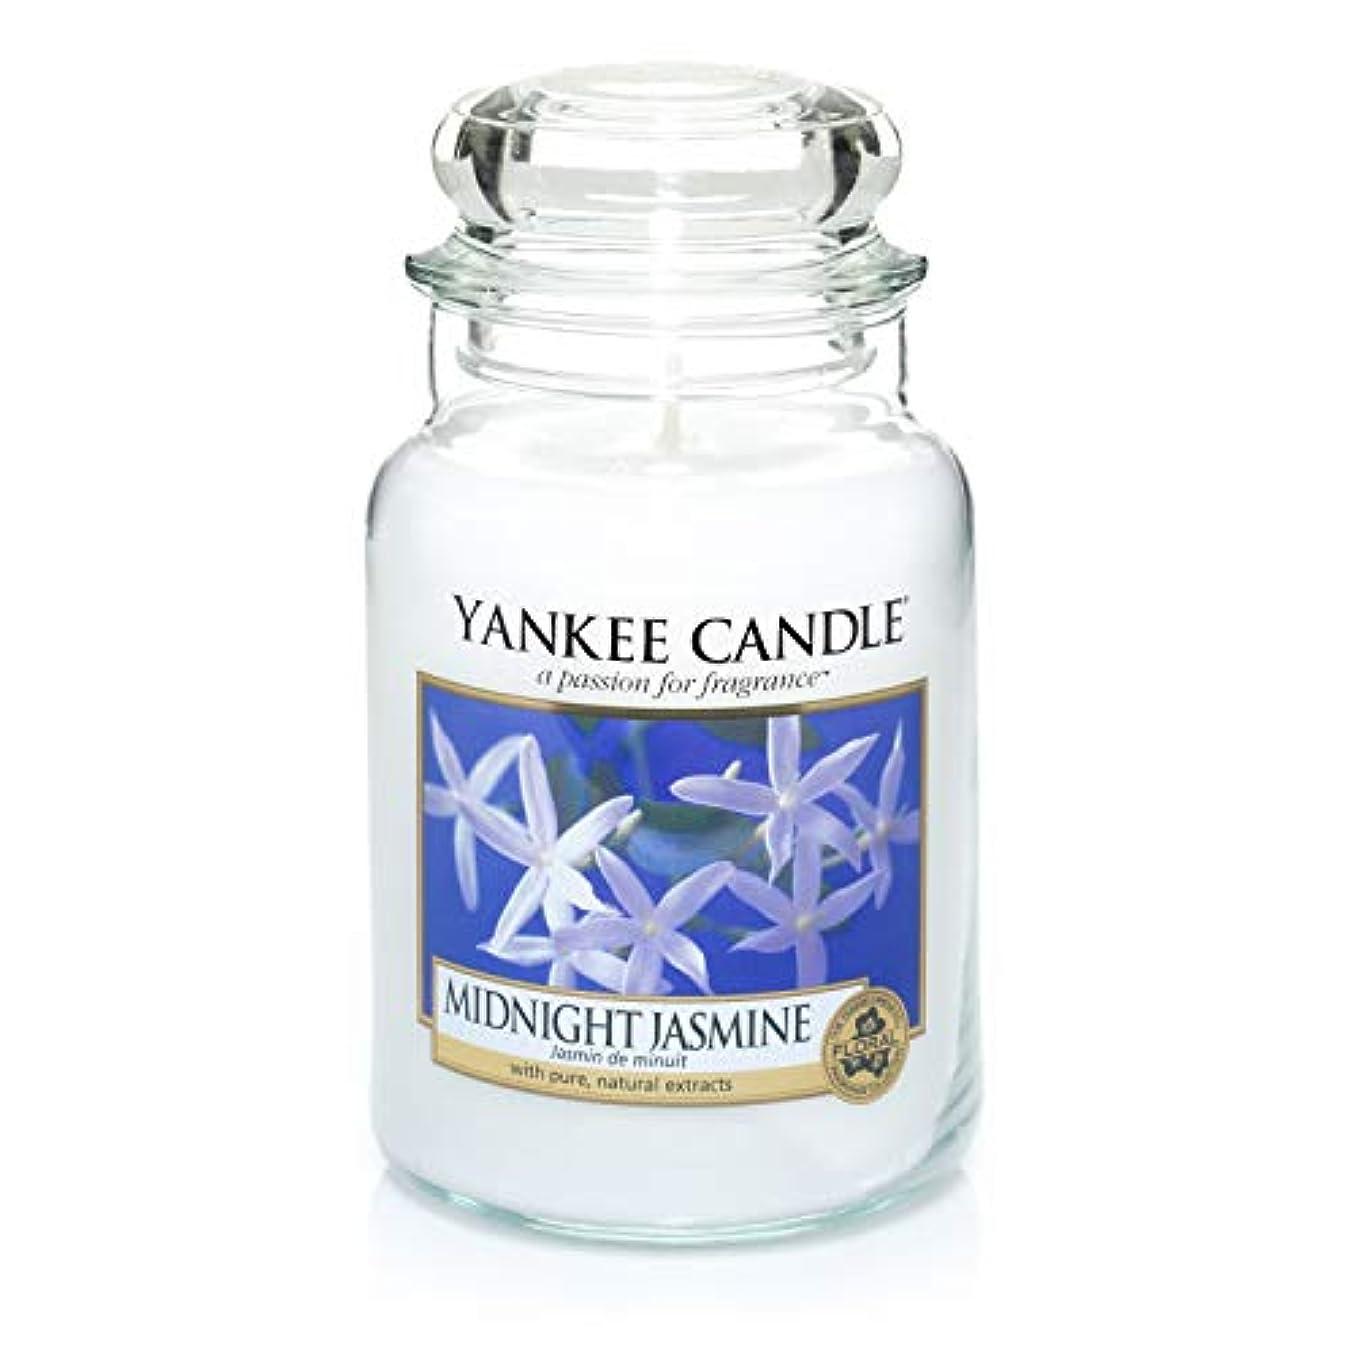 口述混乱した模索Yankee Candle Large Jar Candle, Midnight Jasmine by Yankee Candle